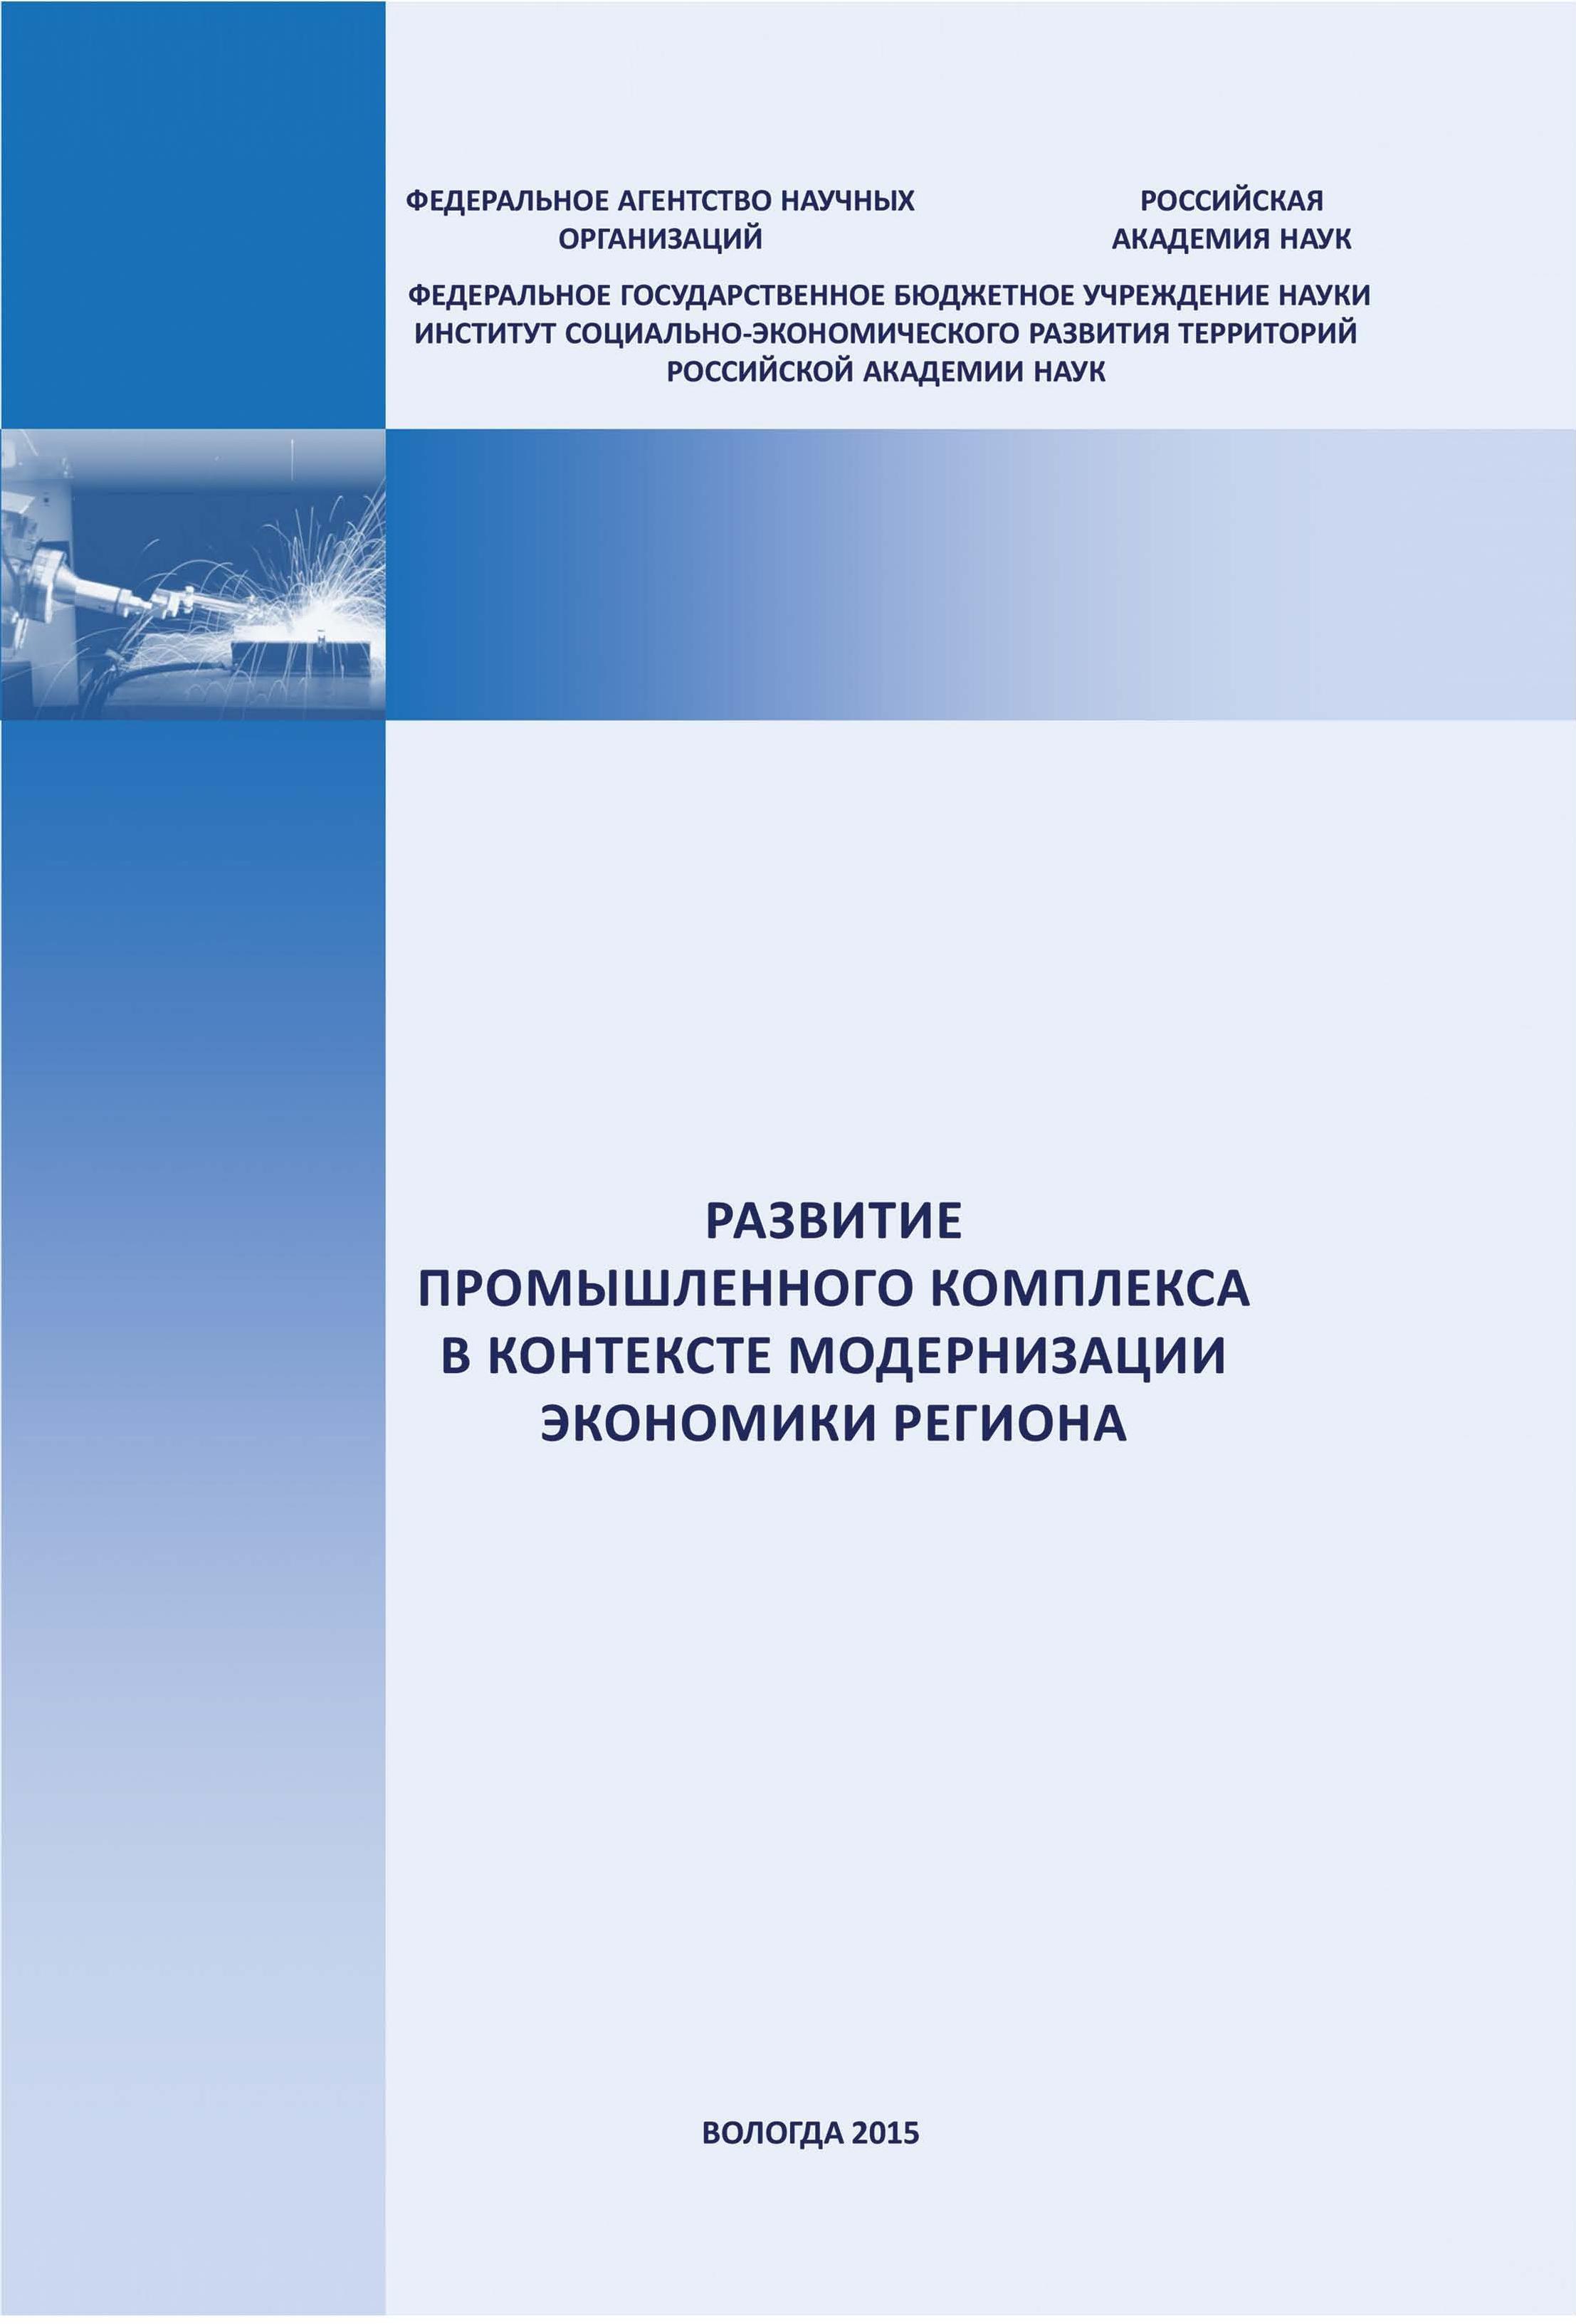 Е. А. Мазилов Развитие промышленного комплекса в контексте модернизации экономики региона артем глубокий кластерный подход экономический рост иинновационные кластеры